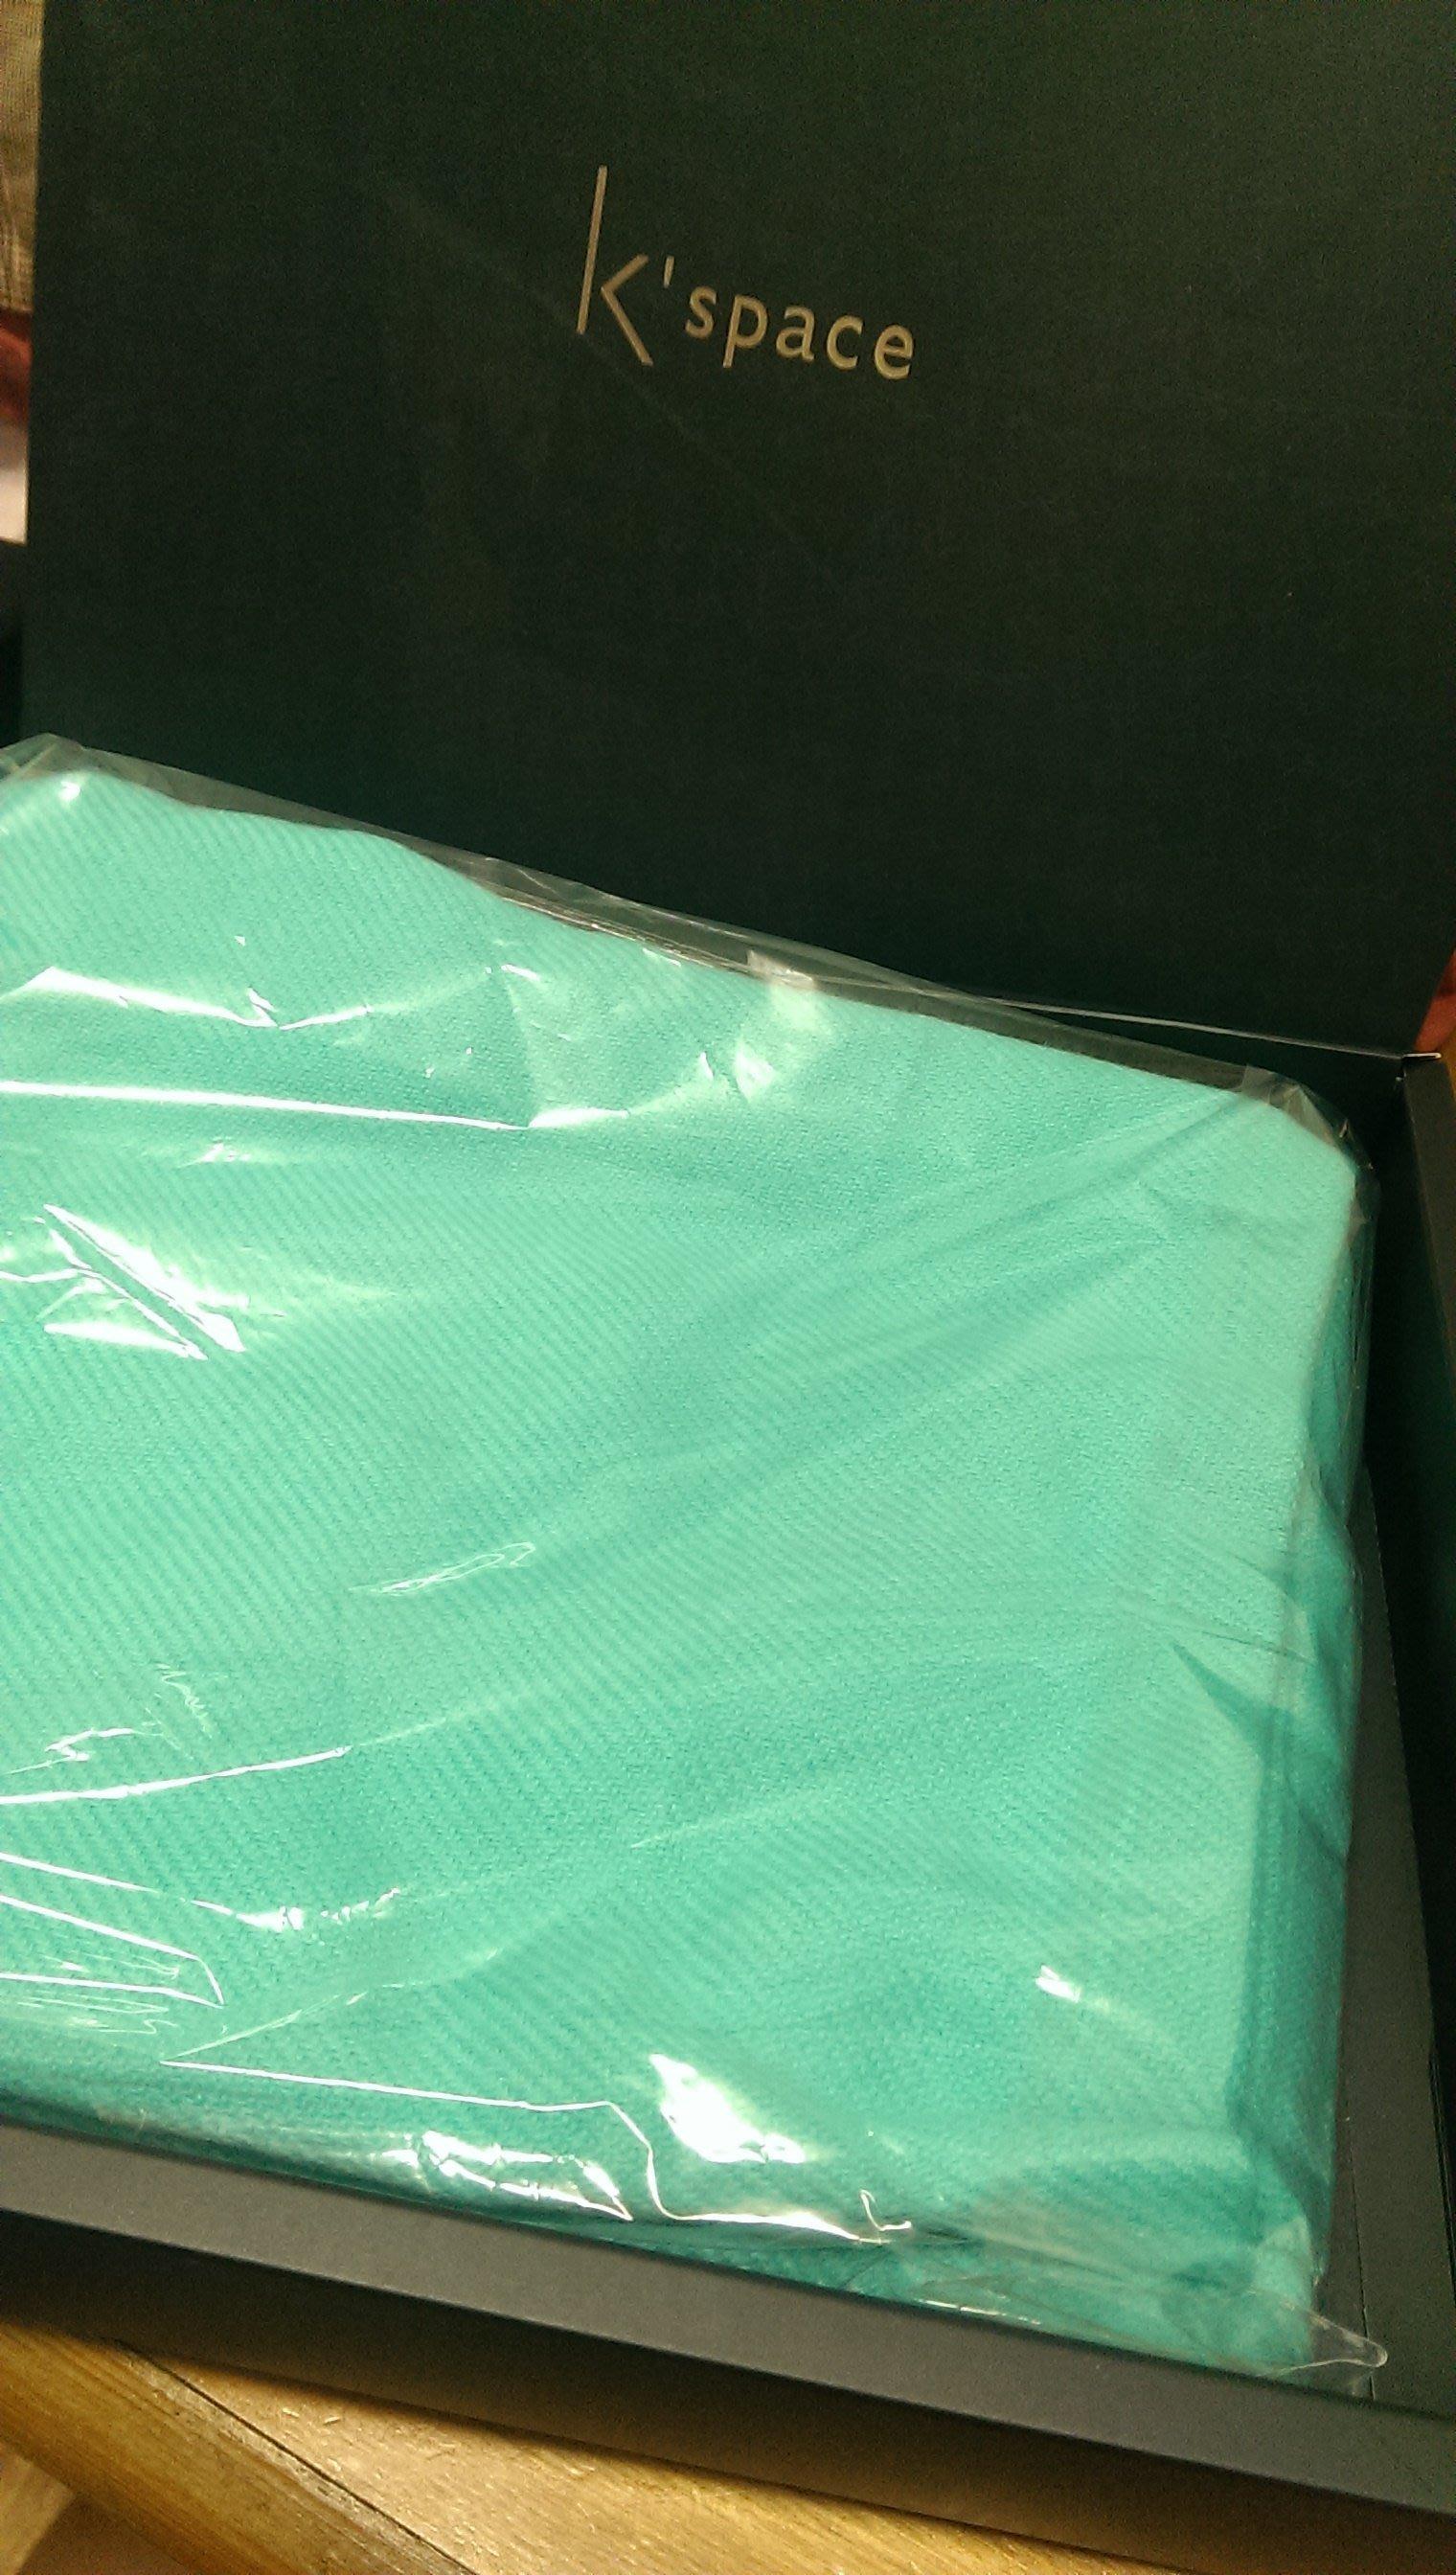 全新~kspace 寬庭美學 優雅披肩/圍巾 粉嫩馬卡龍色系~70*80cm~送禮自用皆宜